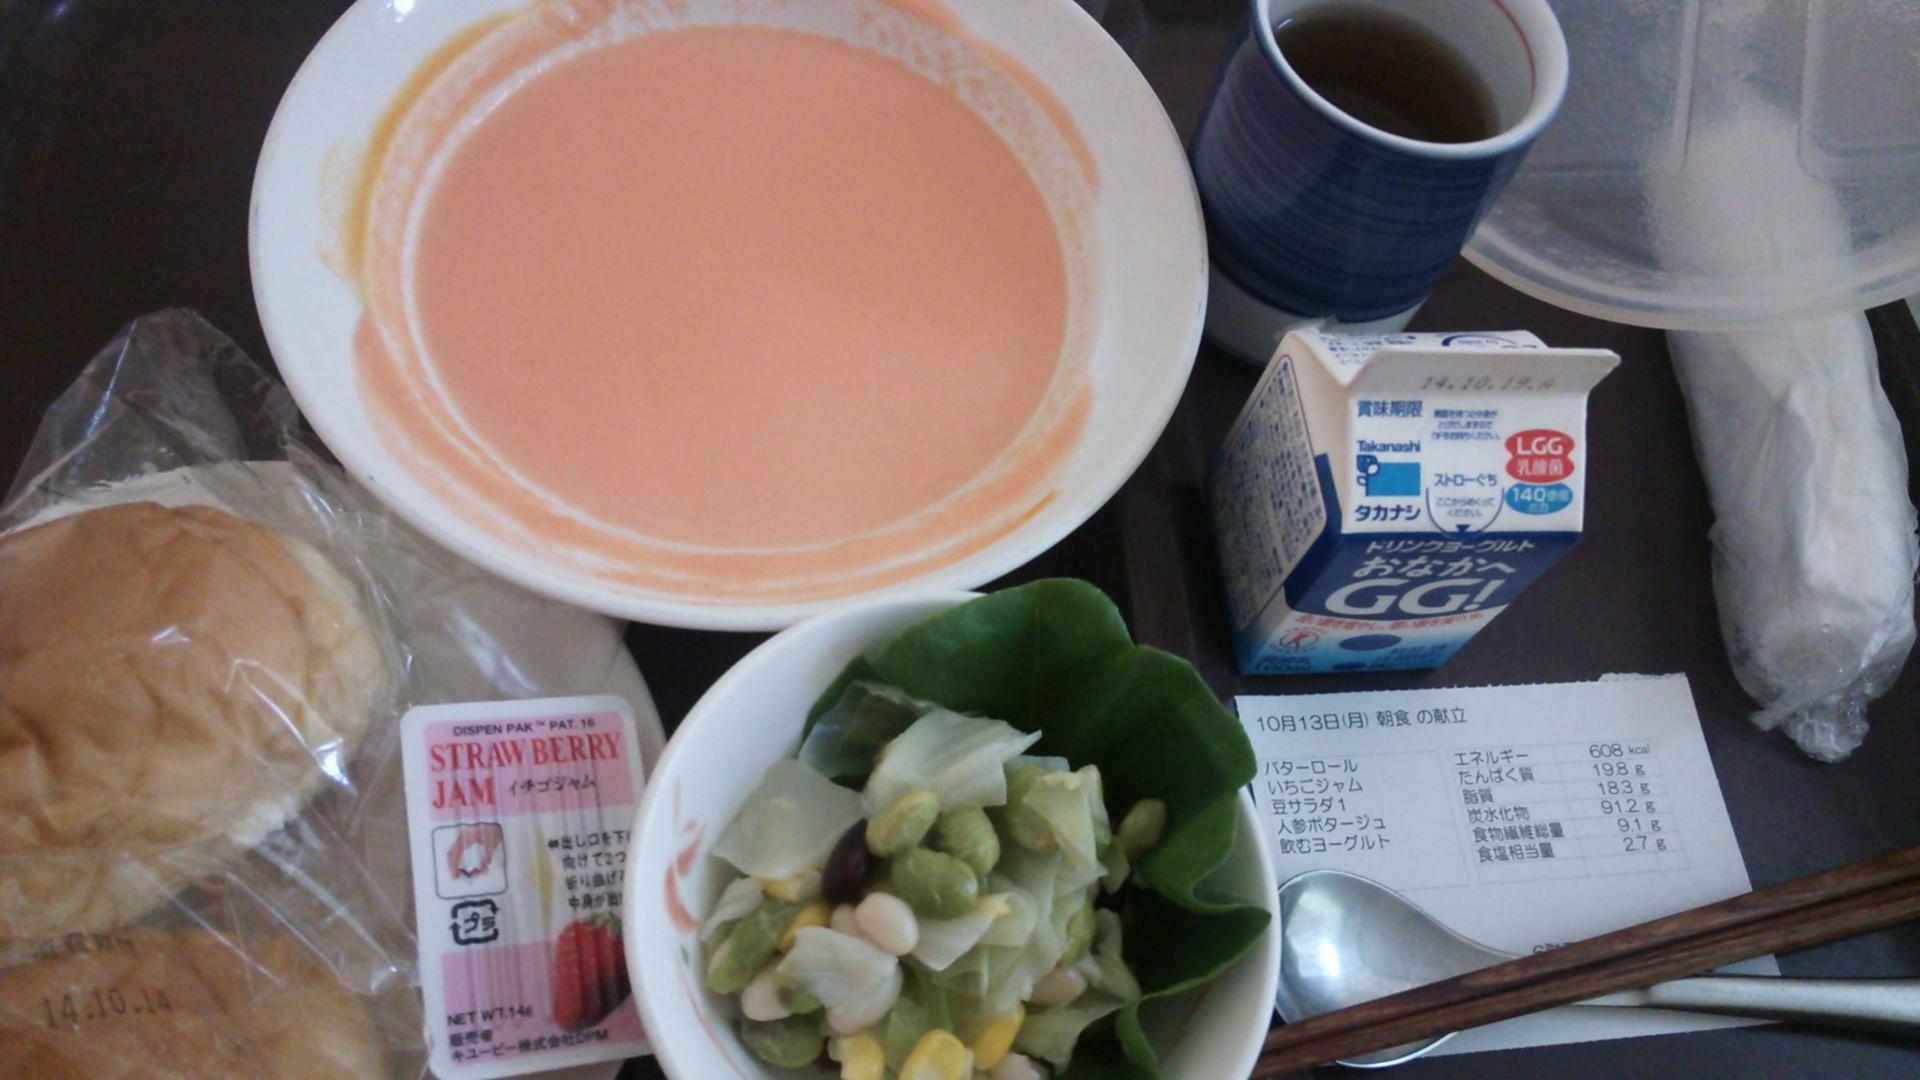 10月13日(月)朝食